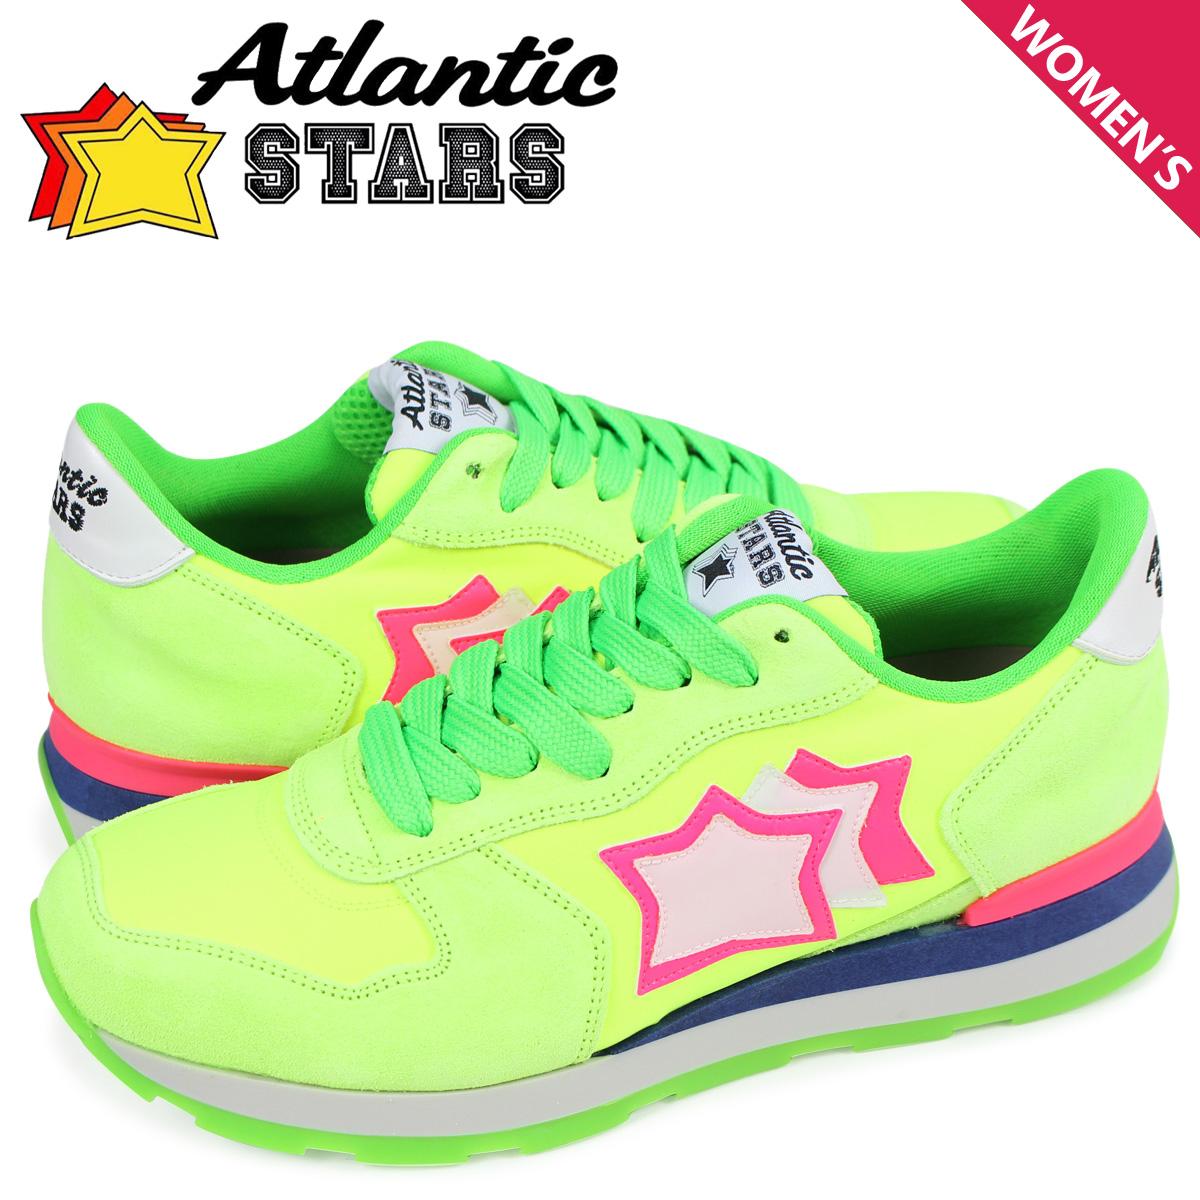 【最大2000円OFFクーポン】 アトランティックスターズ Atlantic STARS ベガ スニーカー レディース VEGA グリーン UVS-87FF